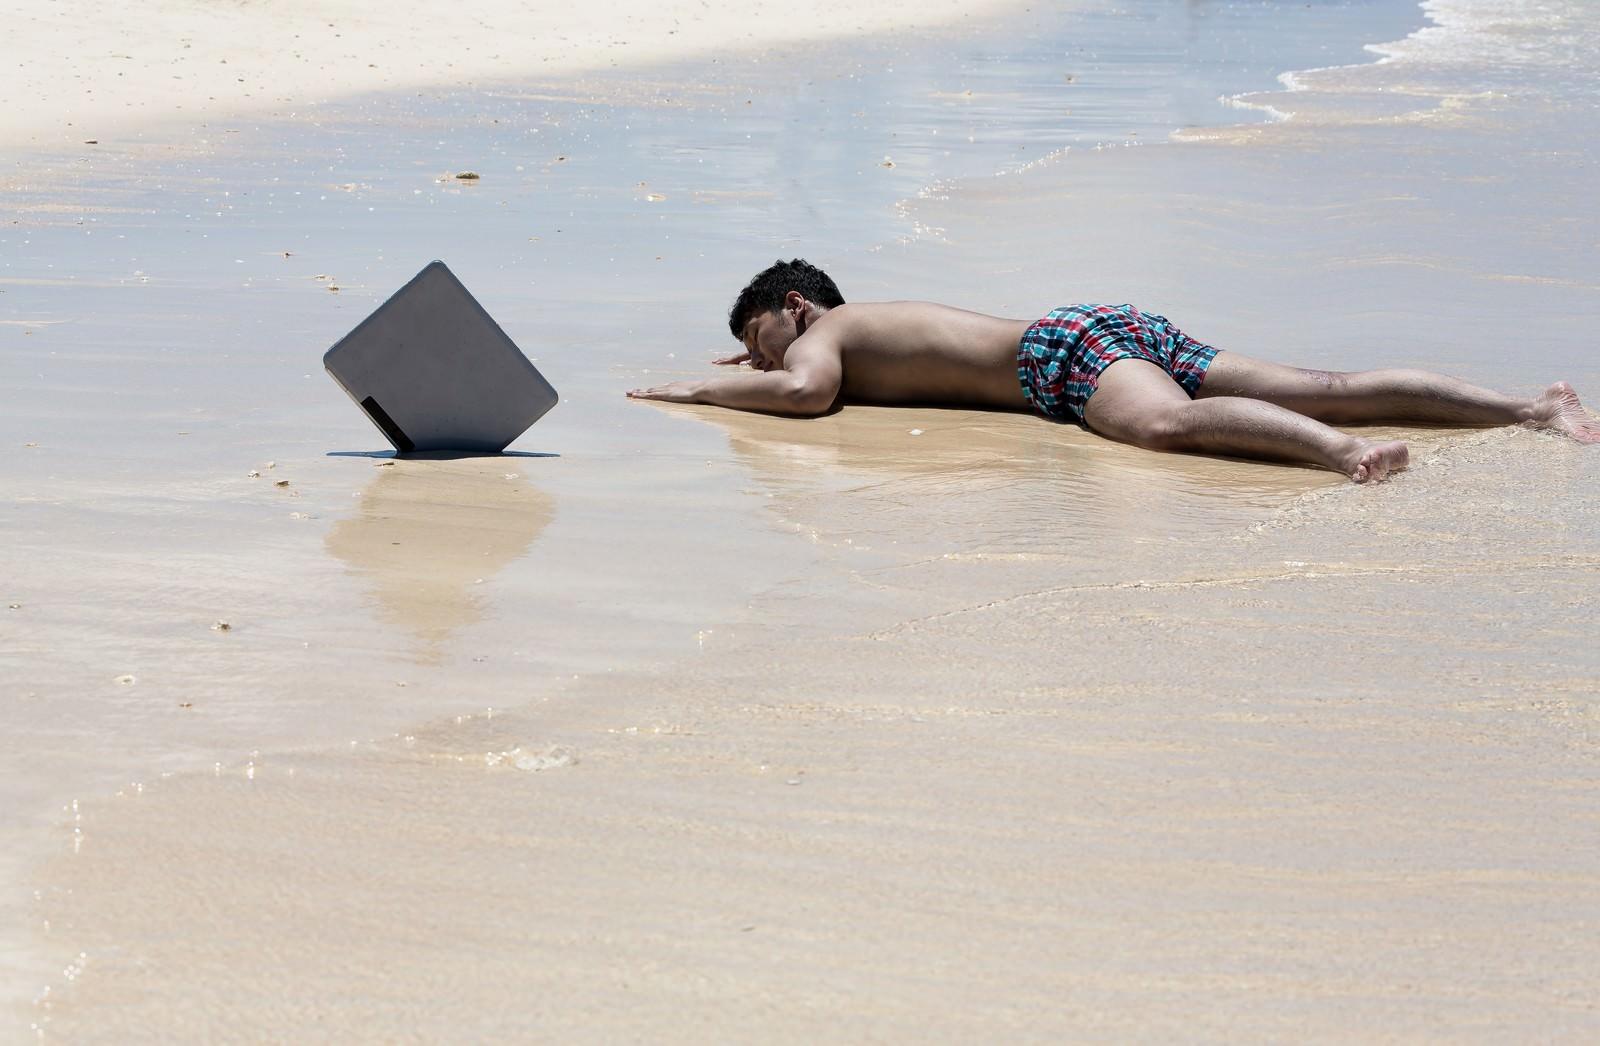 「納期に追われ一週間ほど漂流した後、砂浜に打ち上げられたノマドワーカー納期に追われ一週間ほど漂流した後、砂浜に打ち上げられたノマドワーカー」[モデル:大川竜弥]のフリー写真素材を拡大